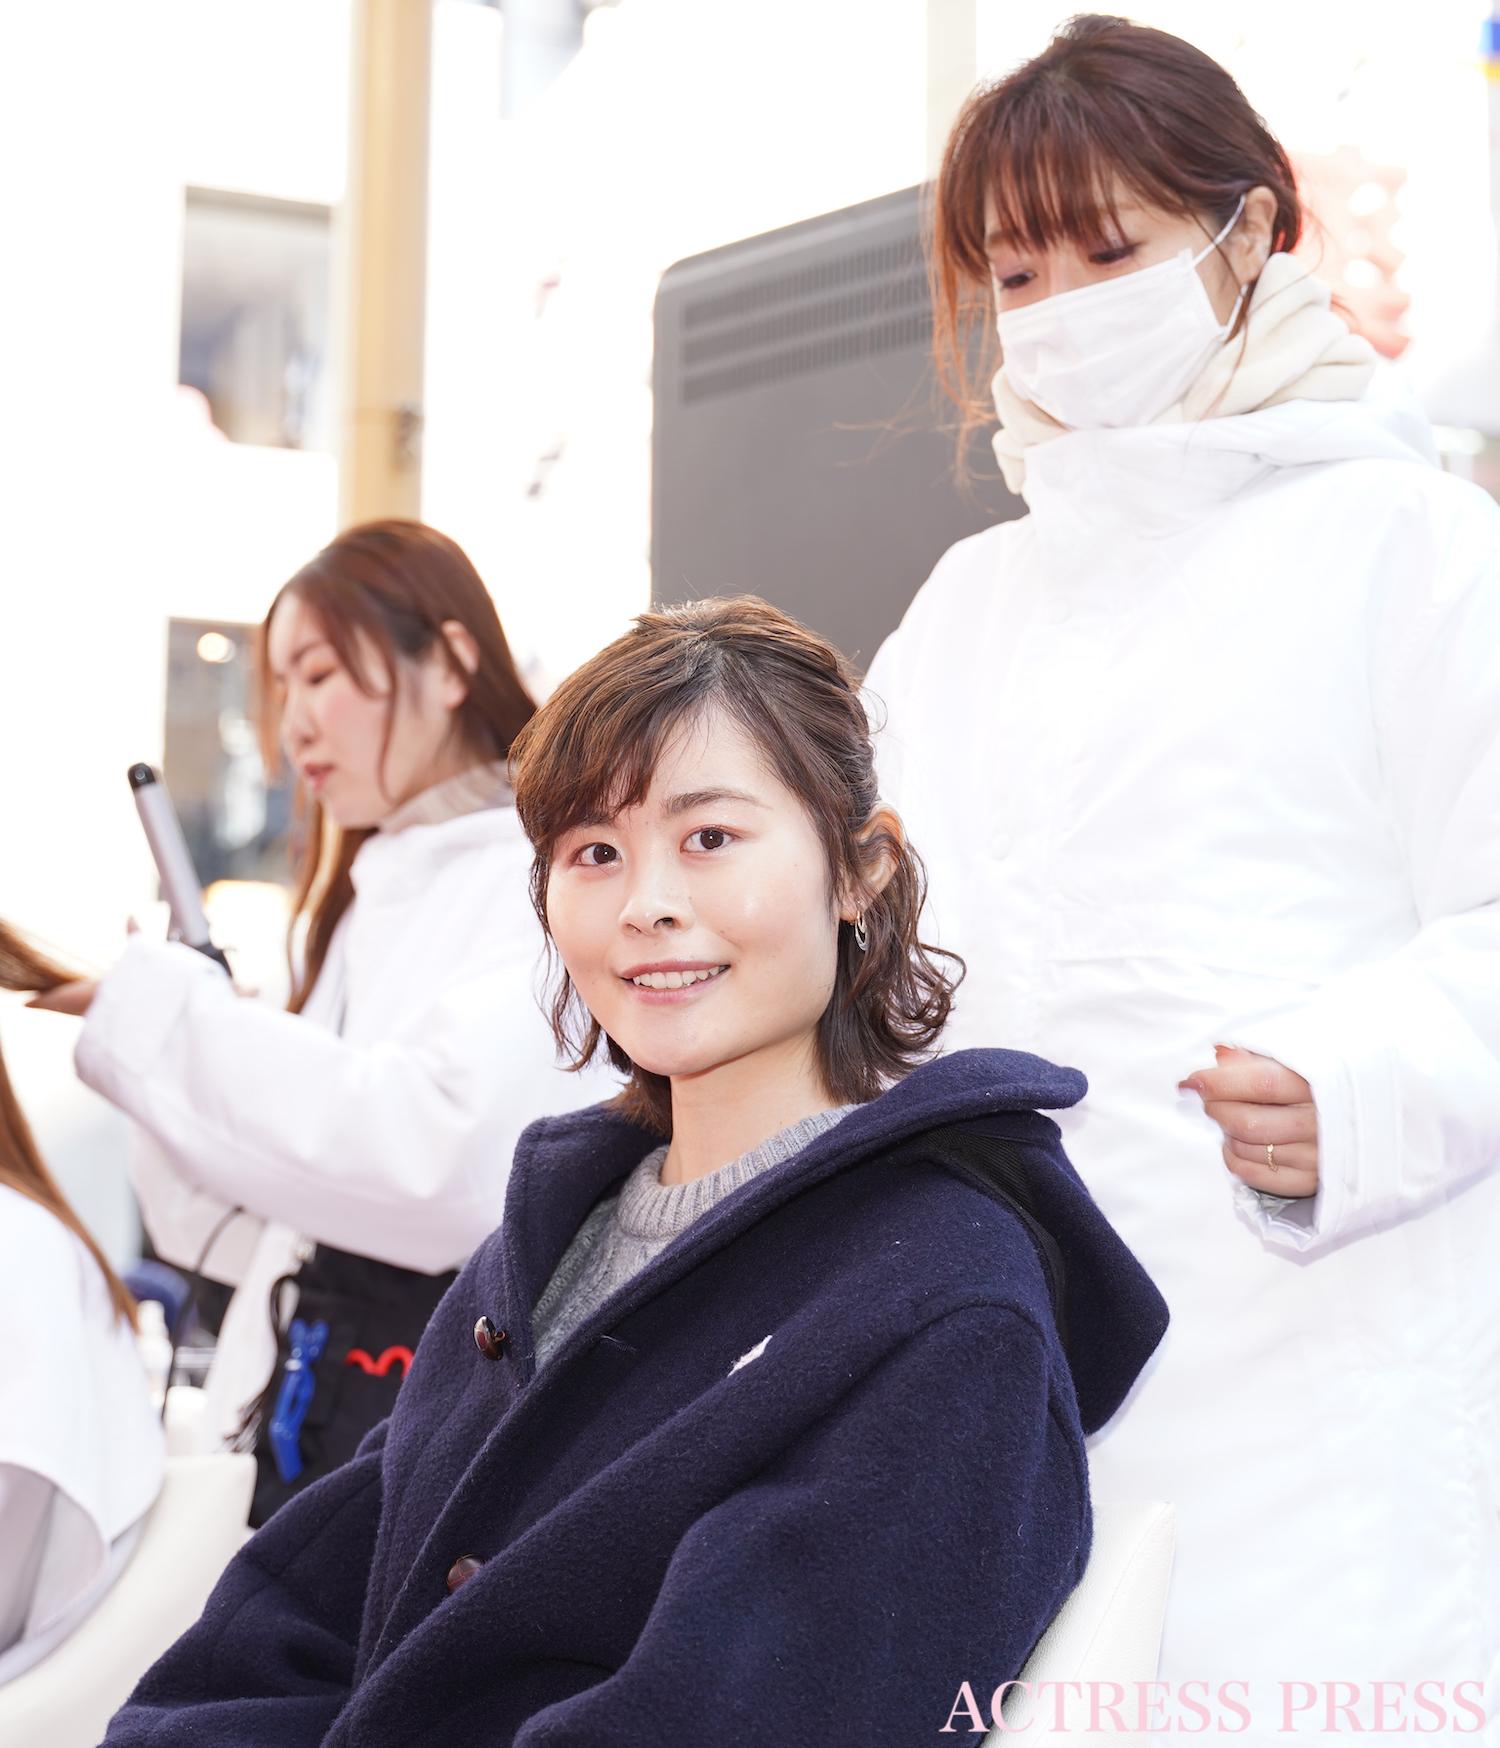 白賀可奈/2020年2月8日(土)、渋谷「109」にて開催された「Matomage Magical Mirror セント・バレンタインの魔法」にて/撮影:ACTRESS PRESS編集部